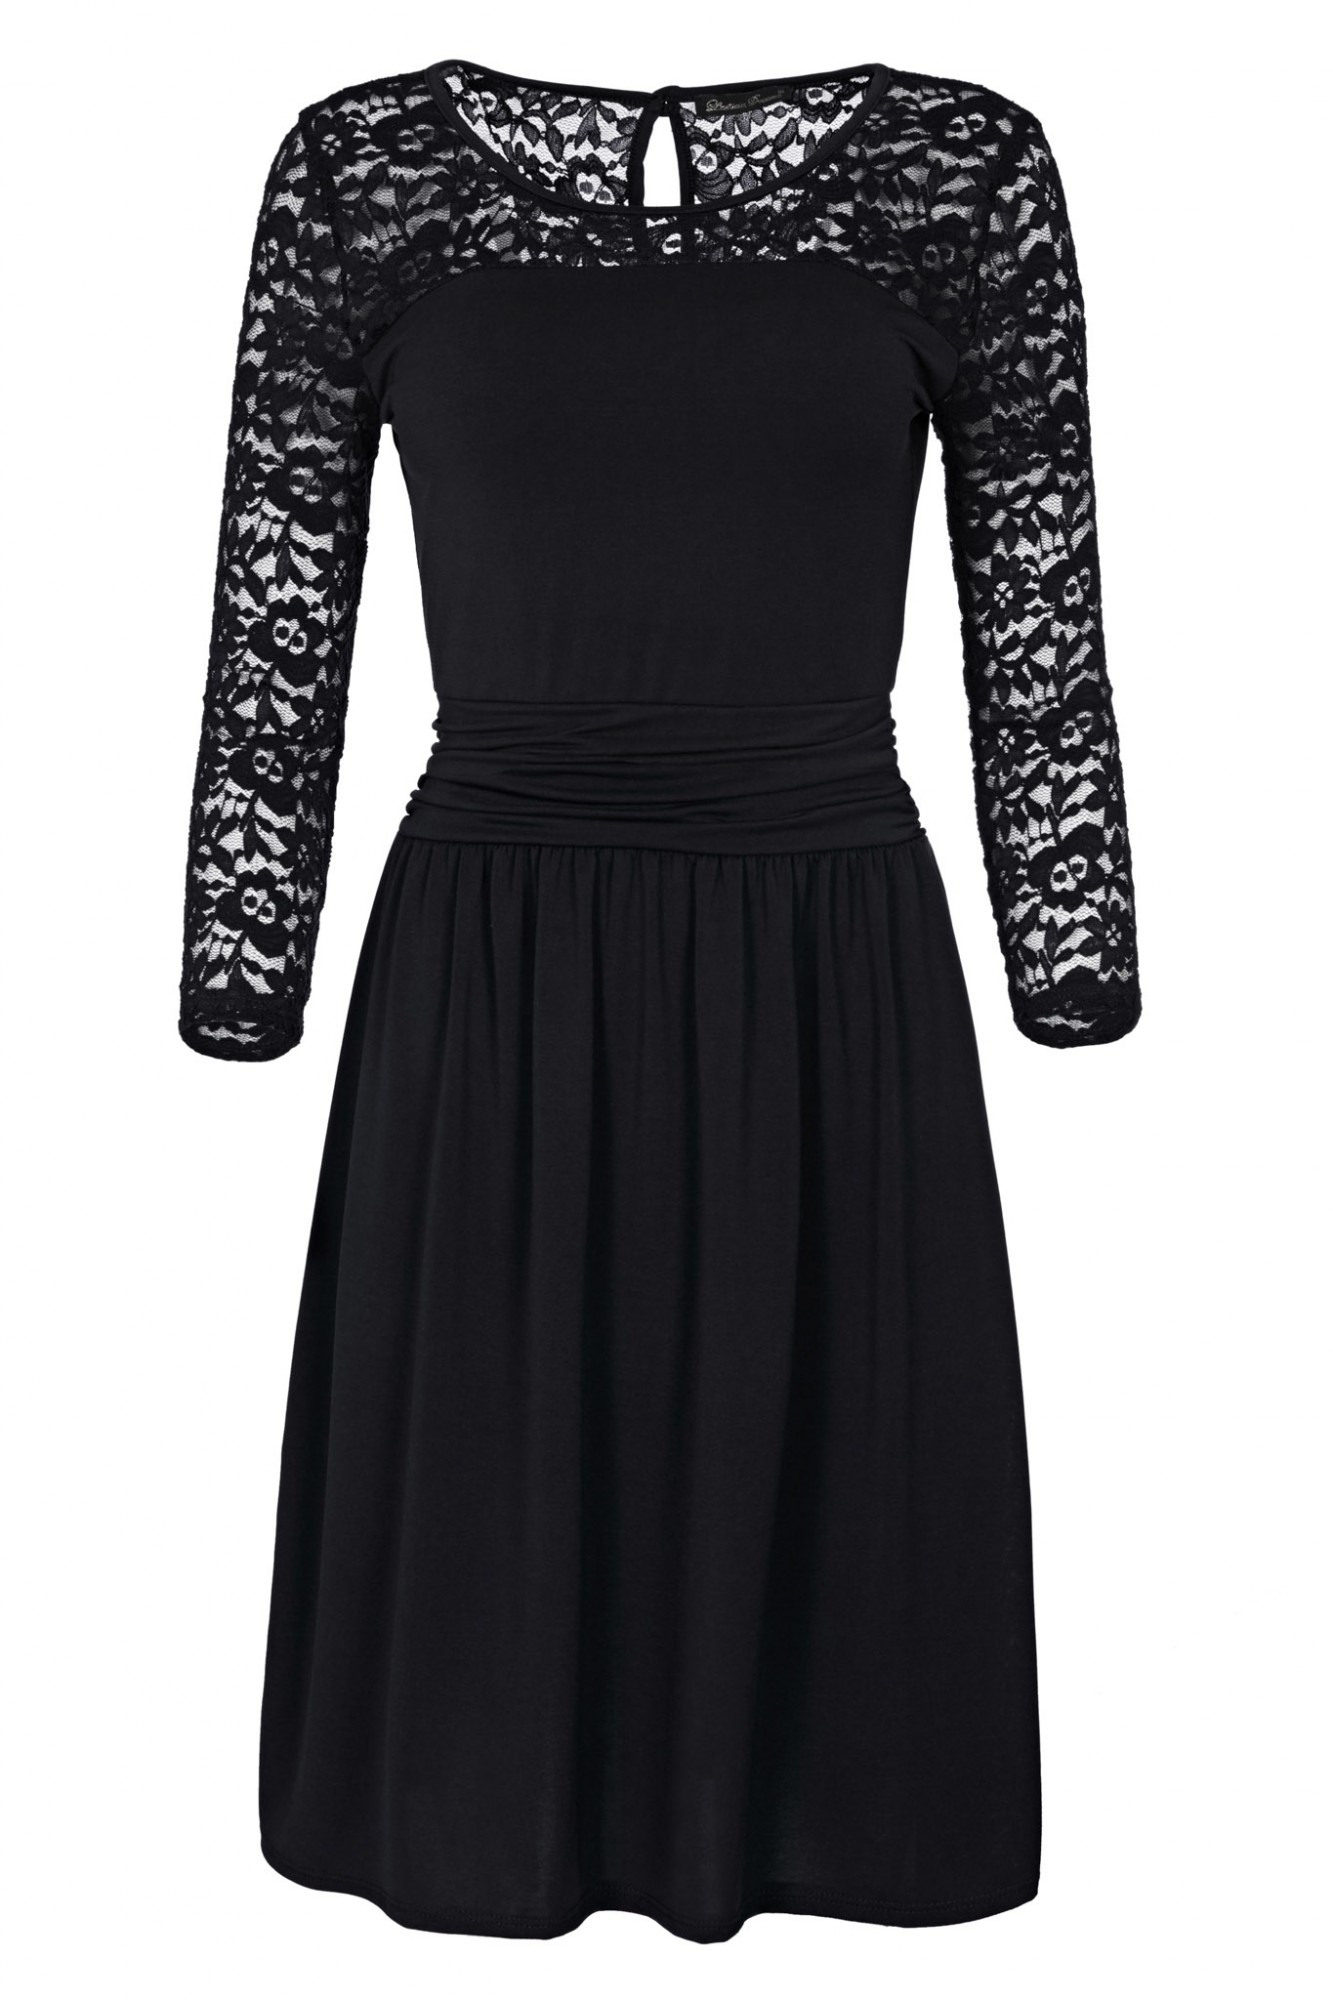 10 Luxurius Kleid Mit Spitzenärmeln Vertrieb10 Einzigartig Kleid Mit Spitzenärmeln Boutique